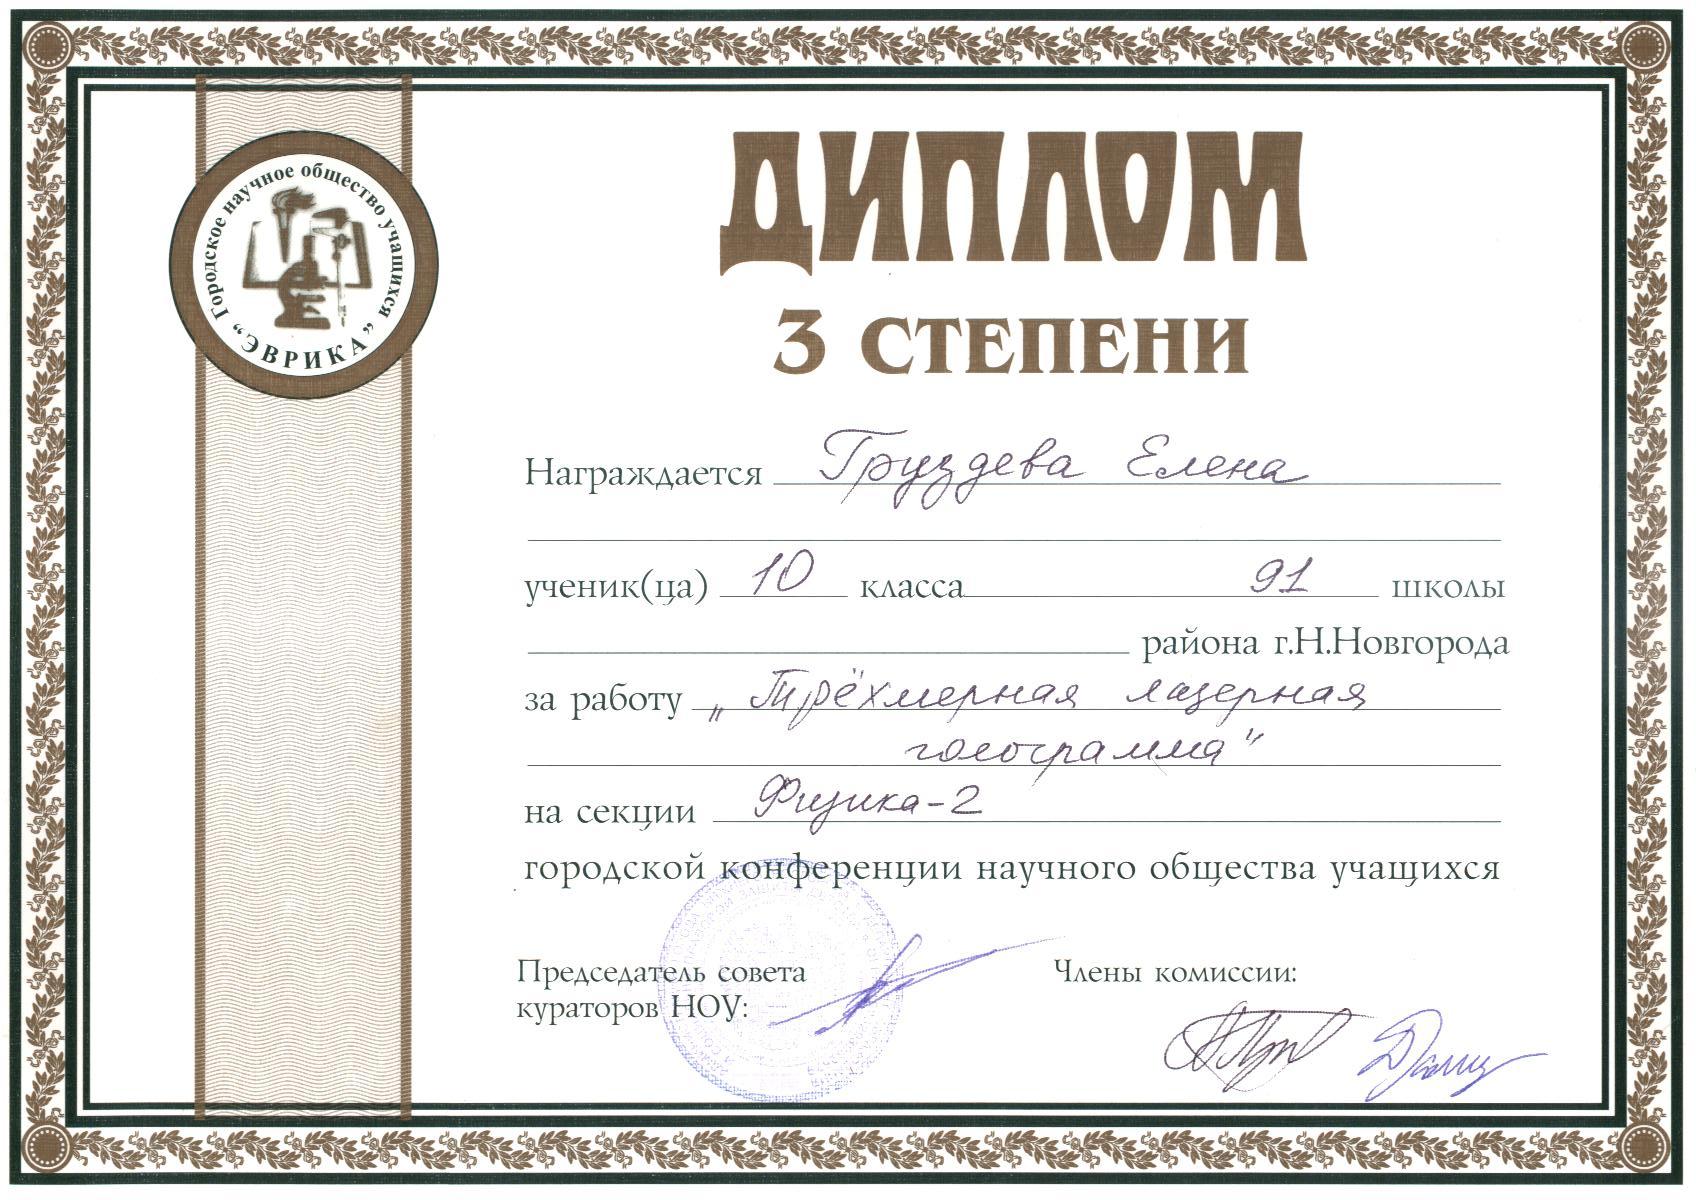 Диплом й степени ircima  получившую Диплом 3 й степени